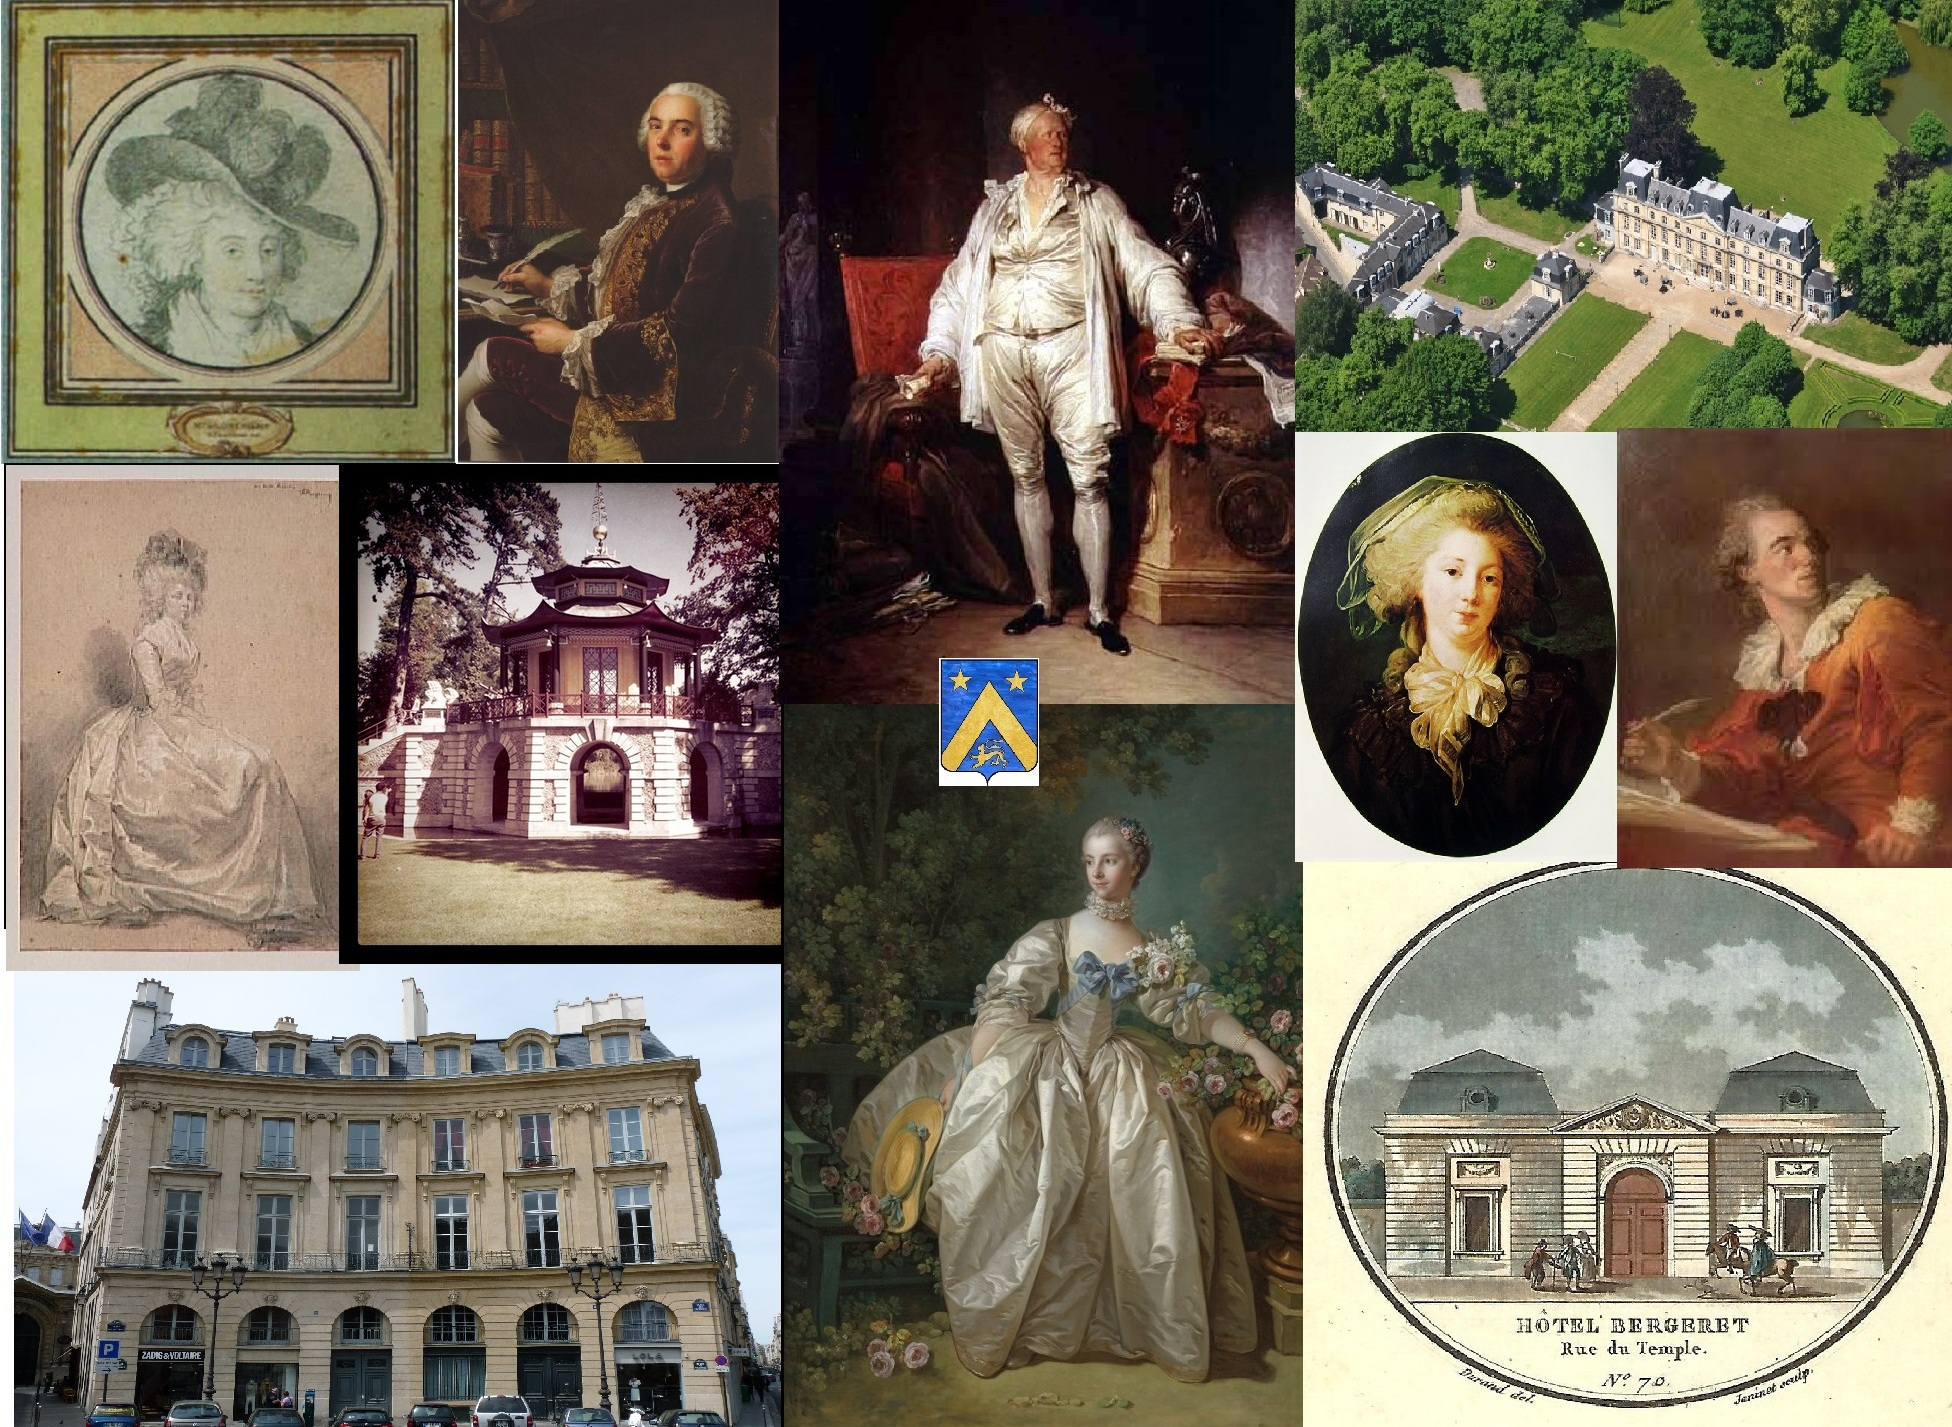 """Bergeret-La-girennerie-Fragonard-Thierry-Prouvost-蒂埃里•普罗沃 - Association """"Le Paris du Nord""""  協會 """"北部巴黎"""